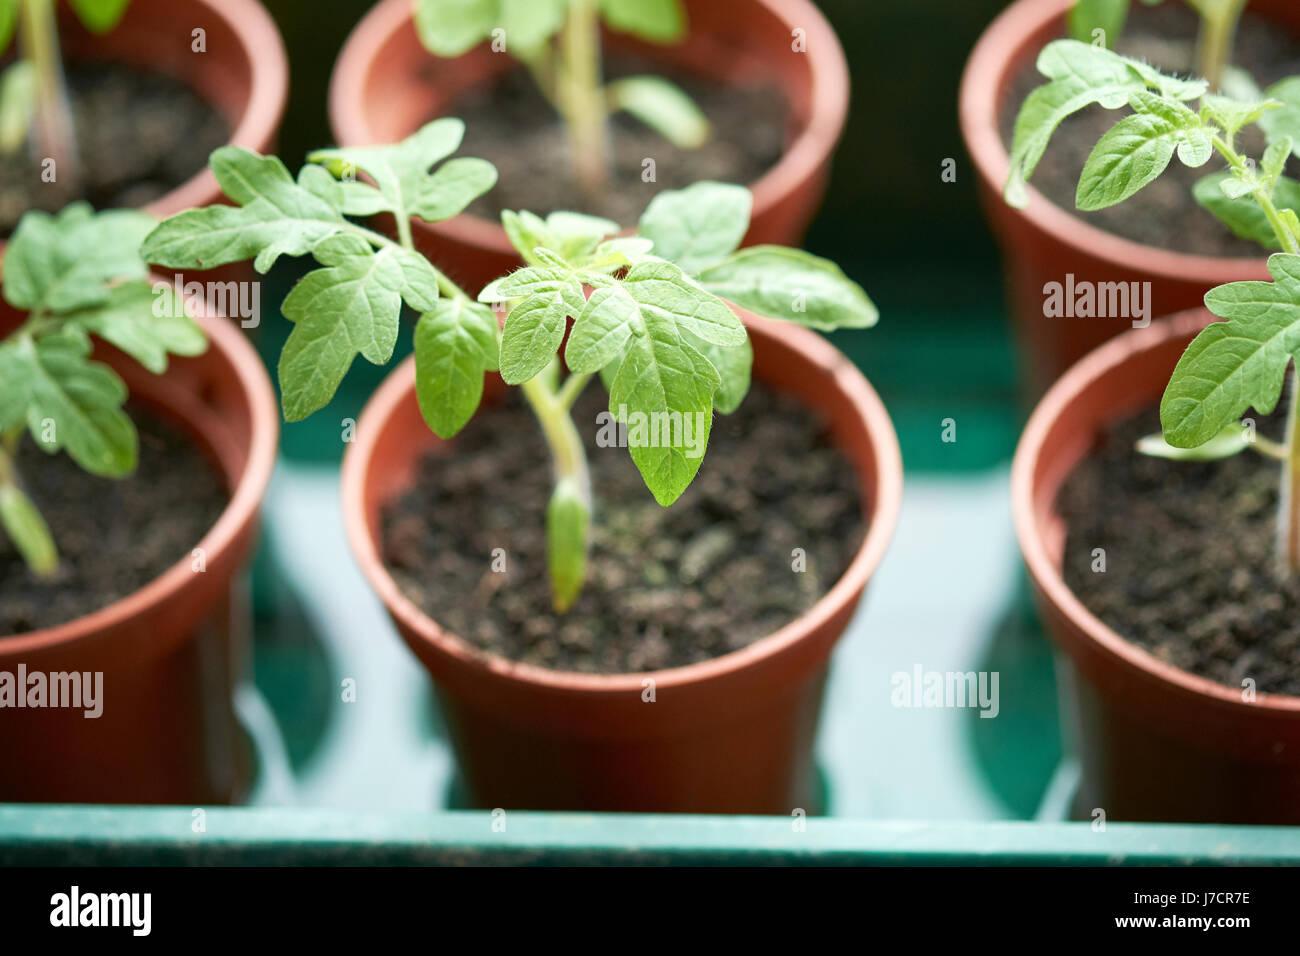 gardener s delight tomato plant seedlings growing in plastic plant